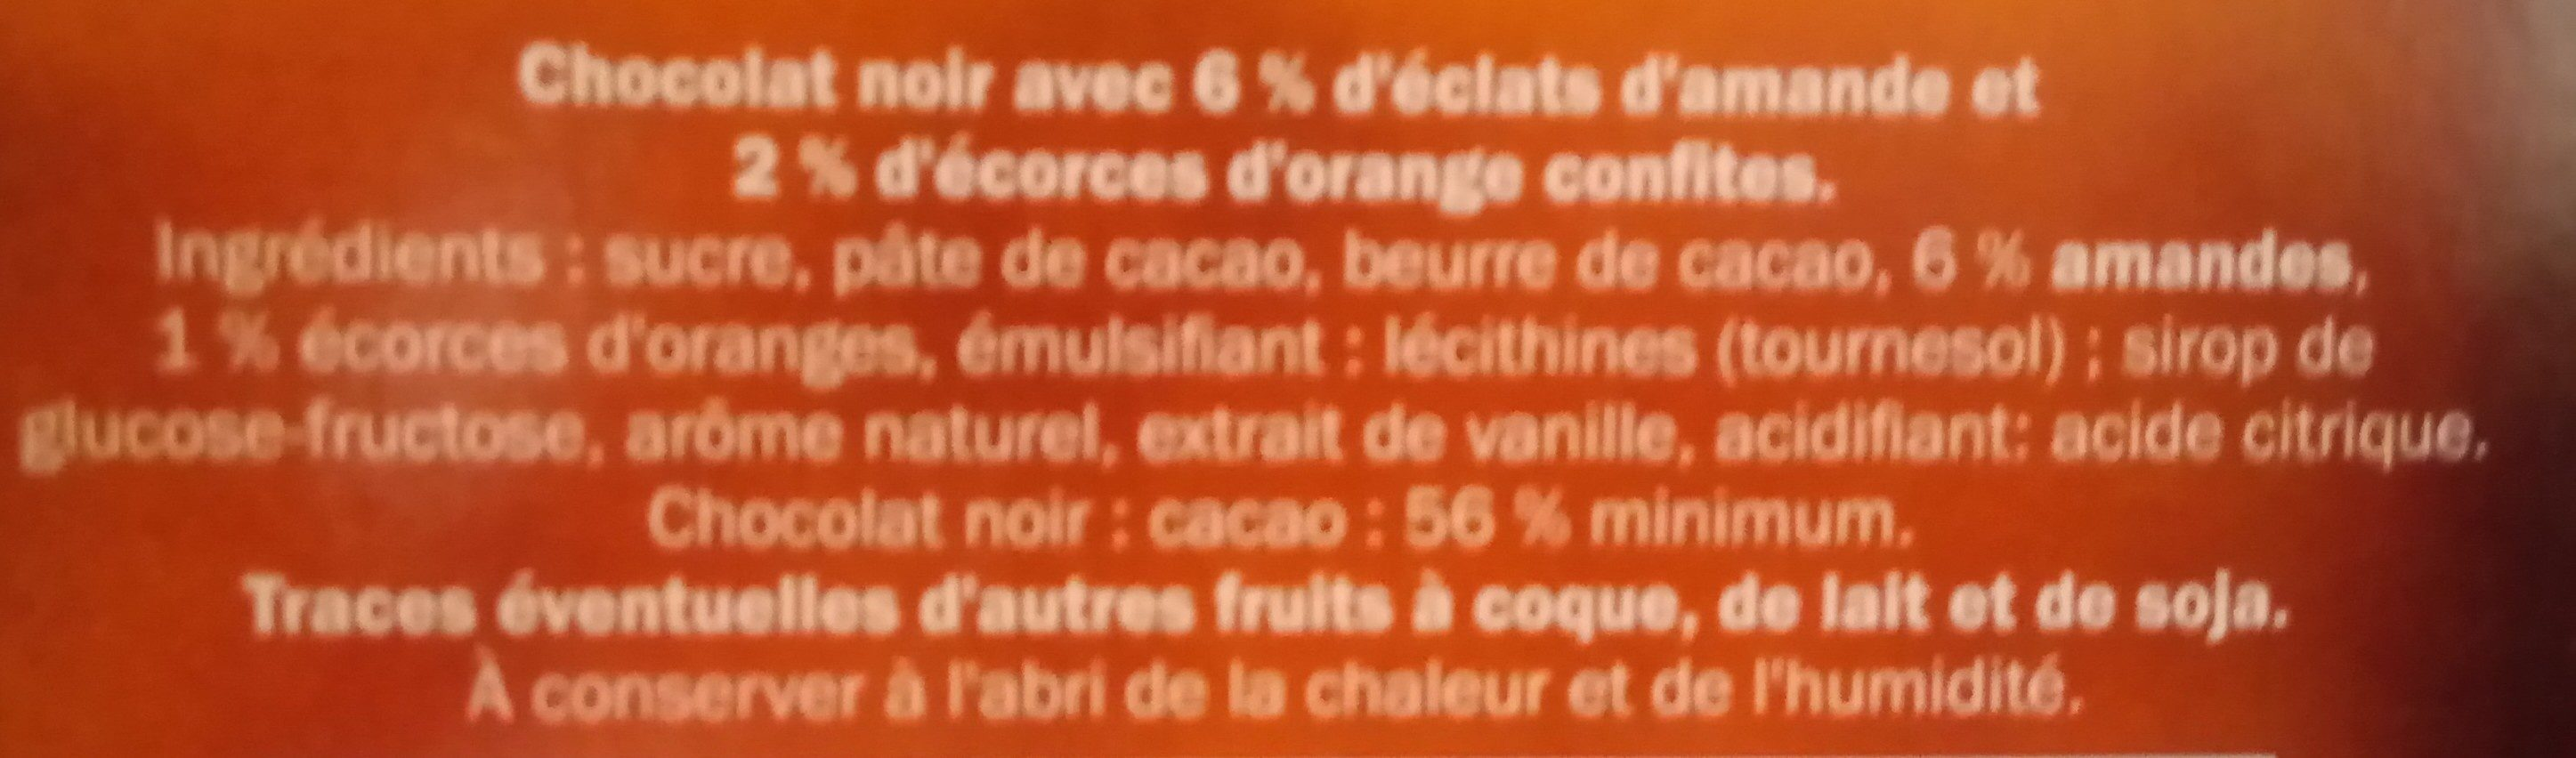 Chocolat noir Amande et écorces d'orange - Ingredients